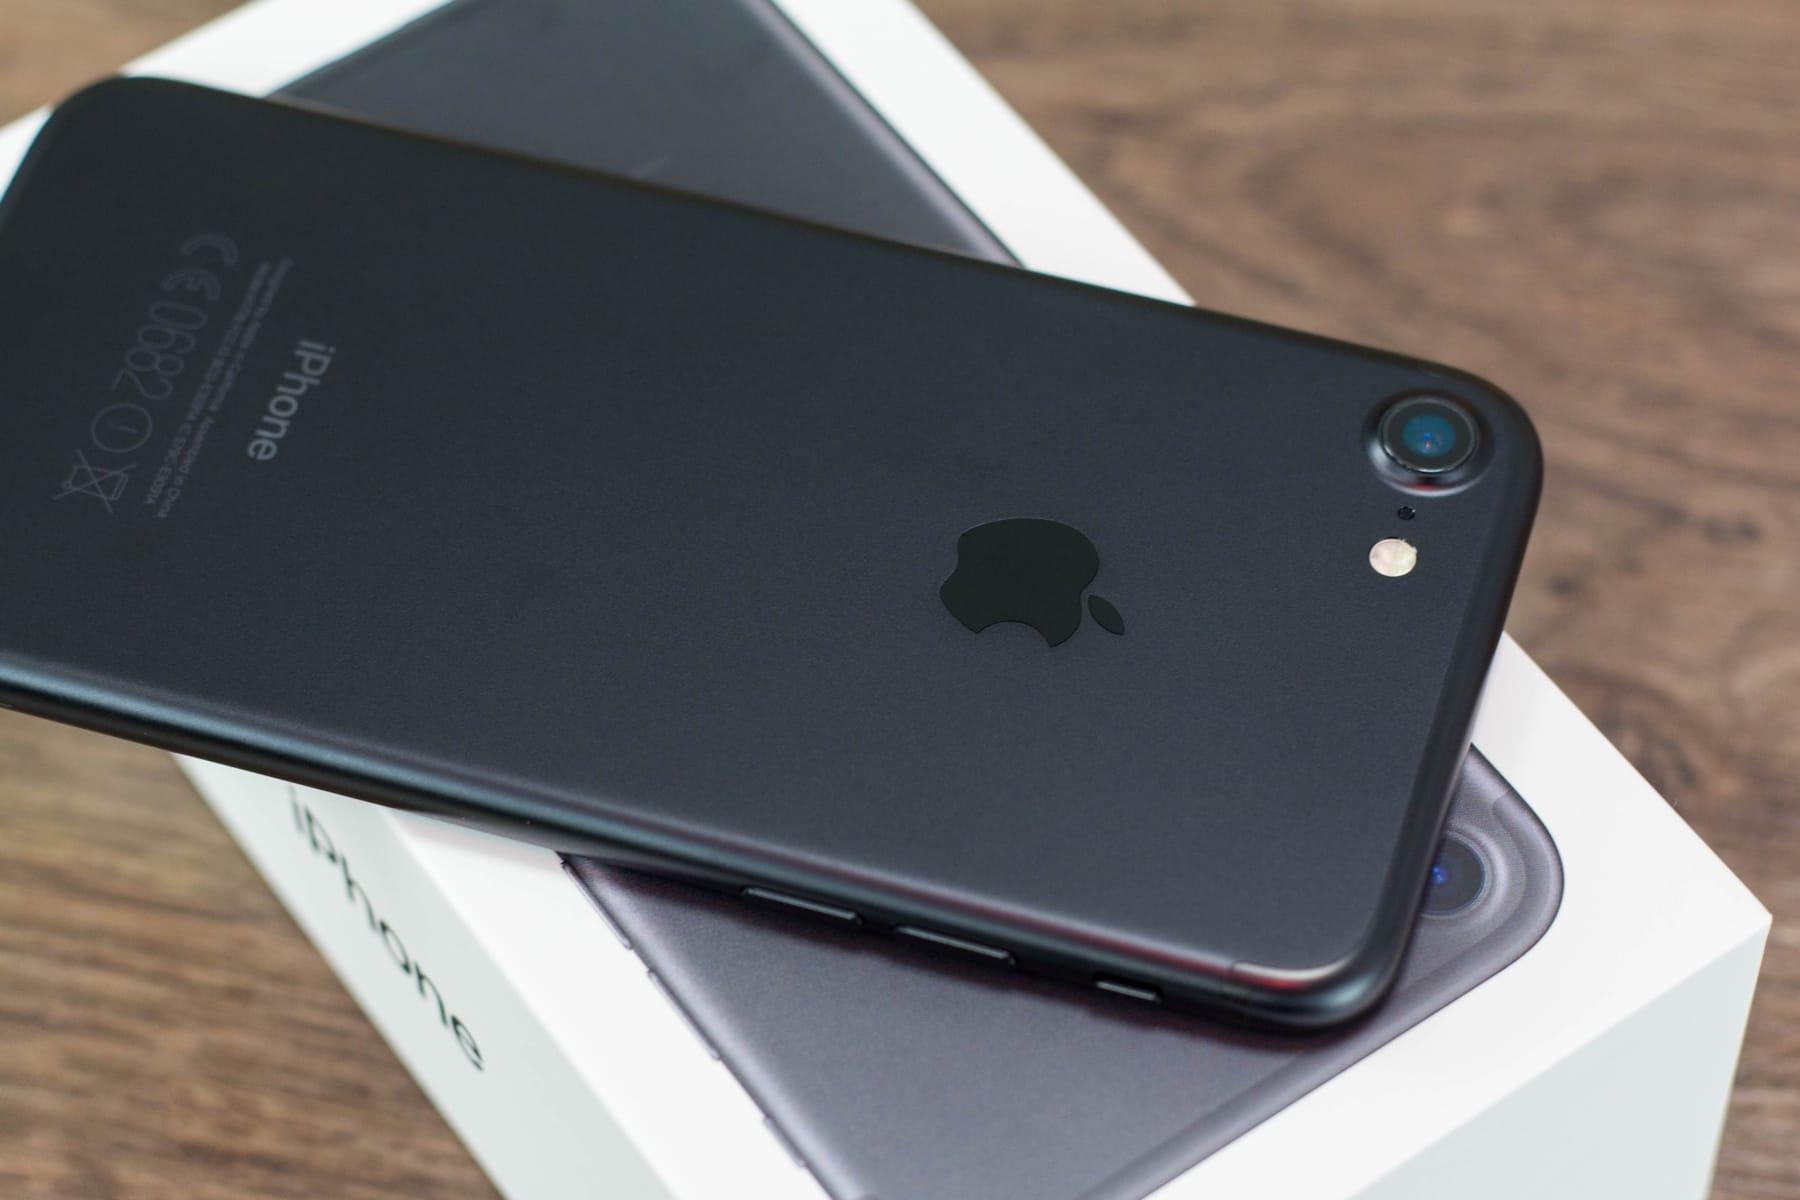 Official Apple iPhone, iMEI Tele2 - Eesti soodsaim mobiilioperaator kiire 4,5G